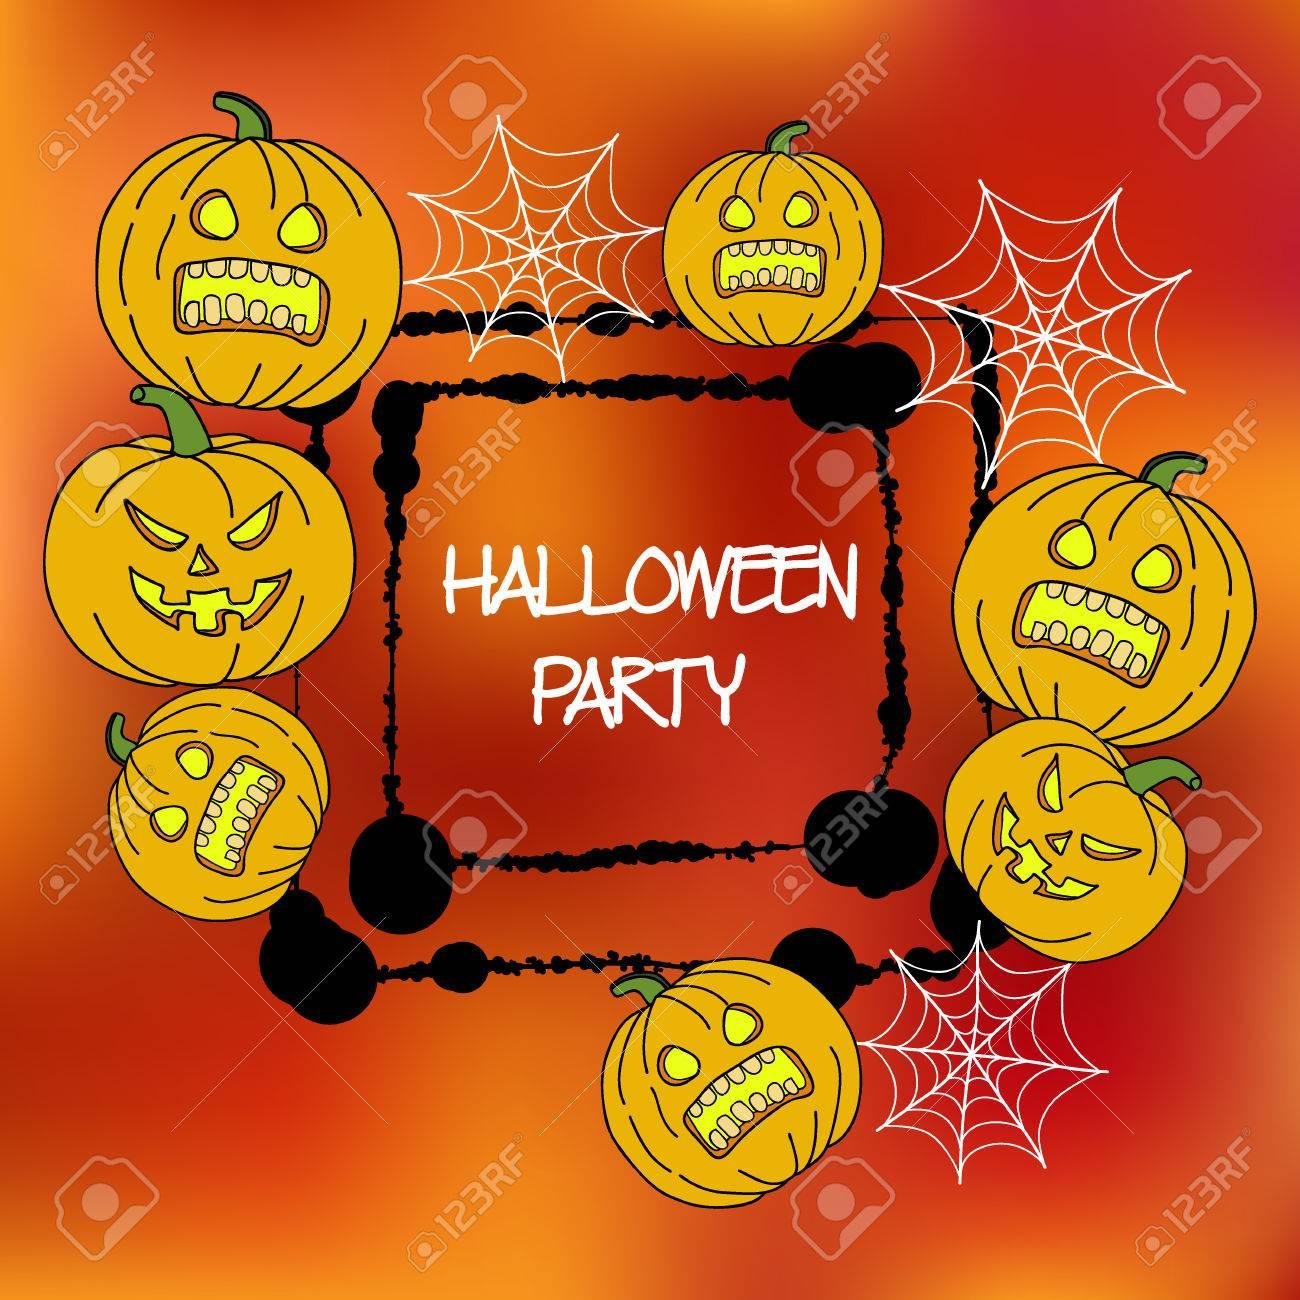 Vektor-Karten-Vorlage Für Halloween-Party. Handzeichnung Kürbis ...